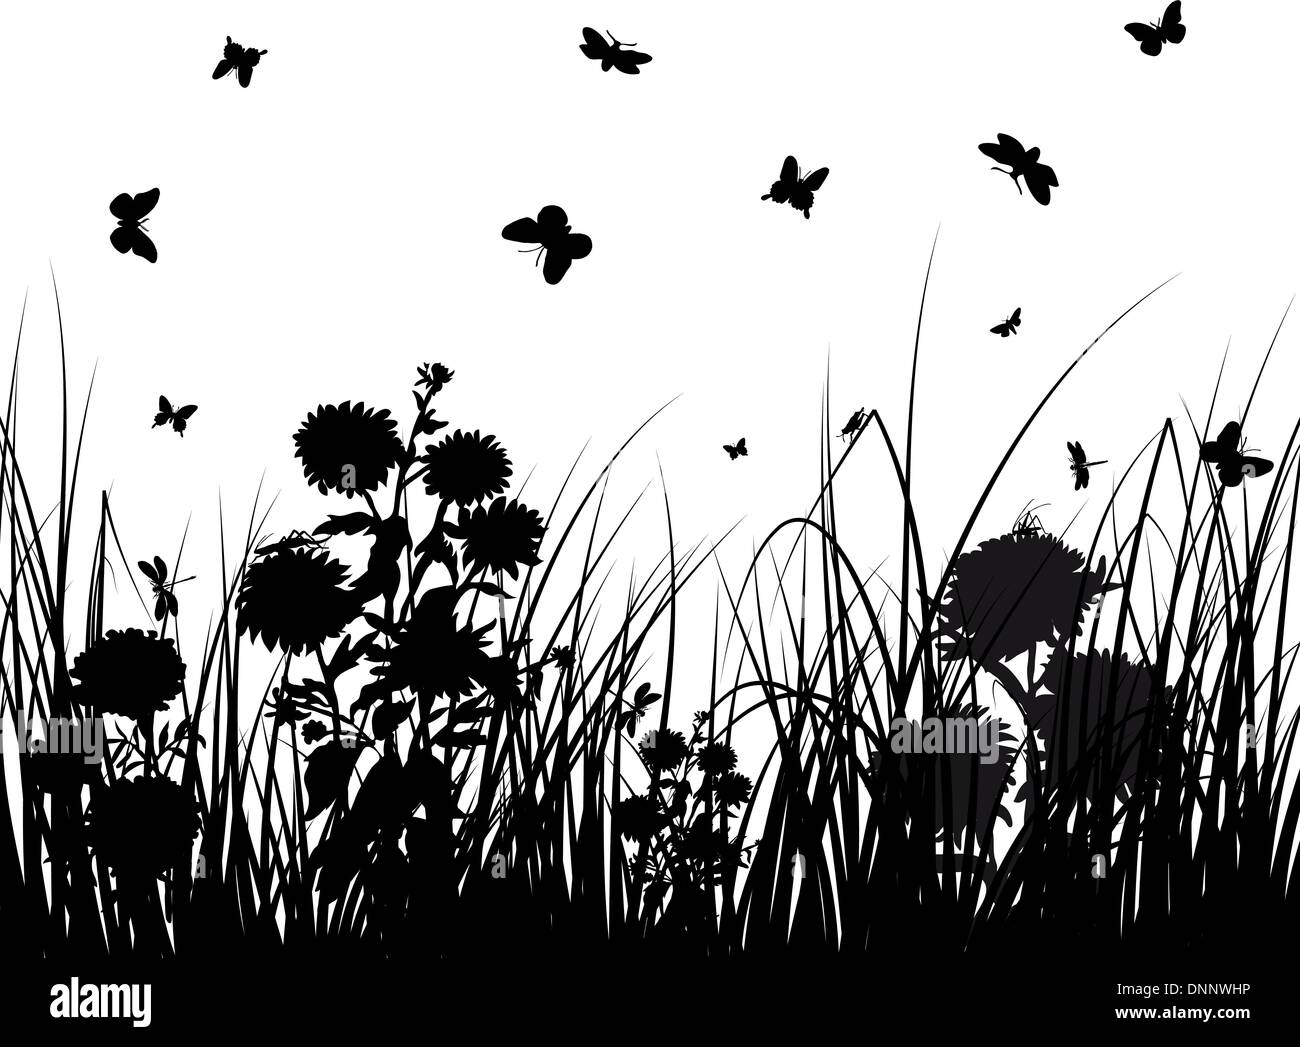 Vektor-Rasen Silhouetten Hintergründe mit Schmetterlingen Stock Vektor